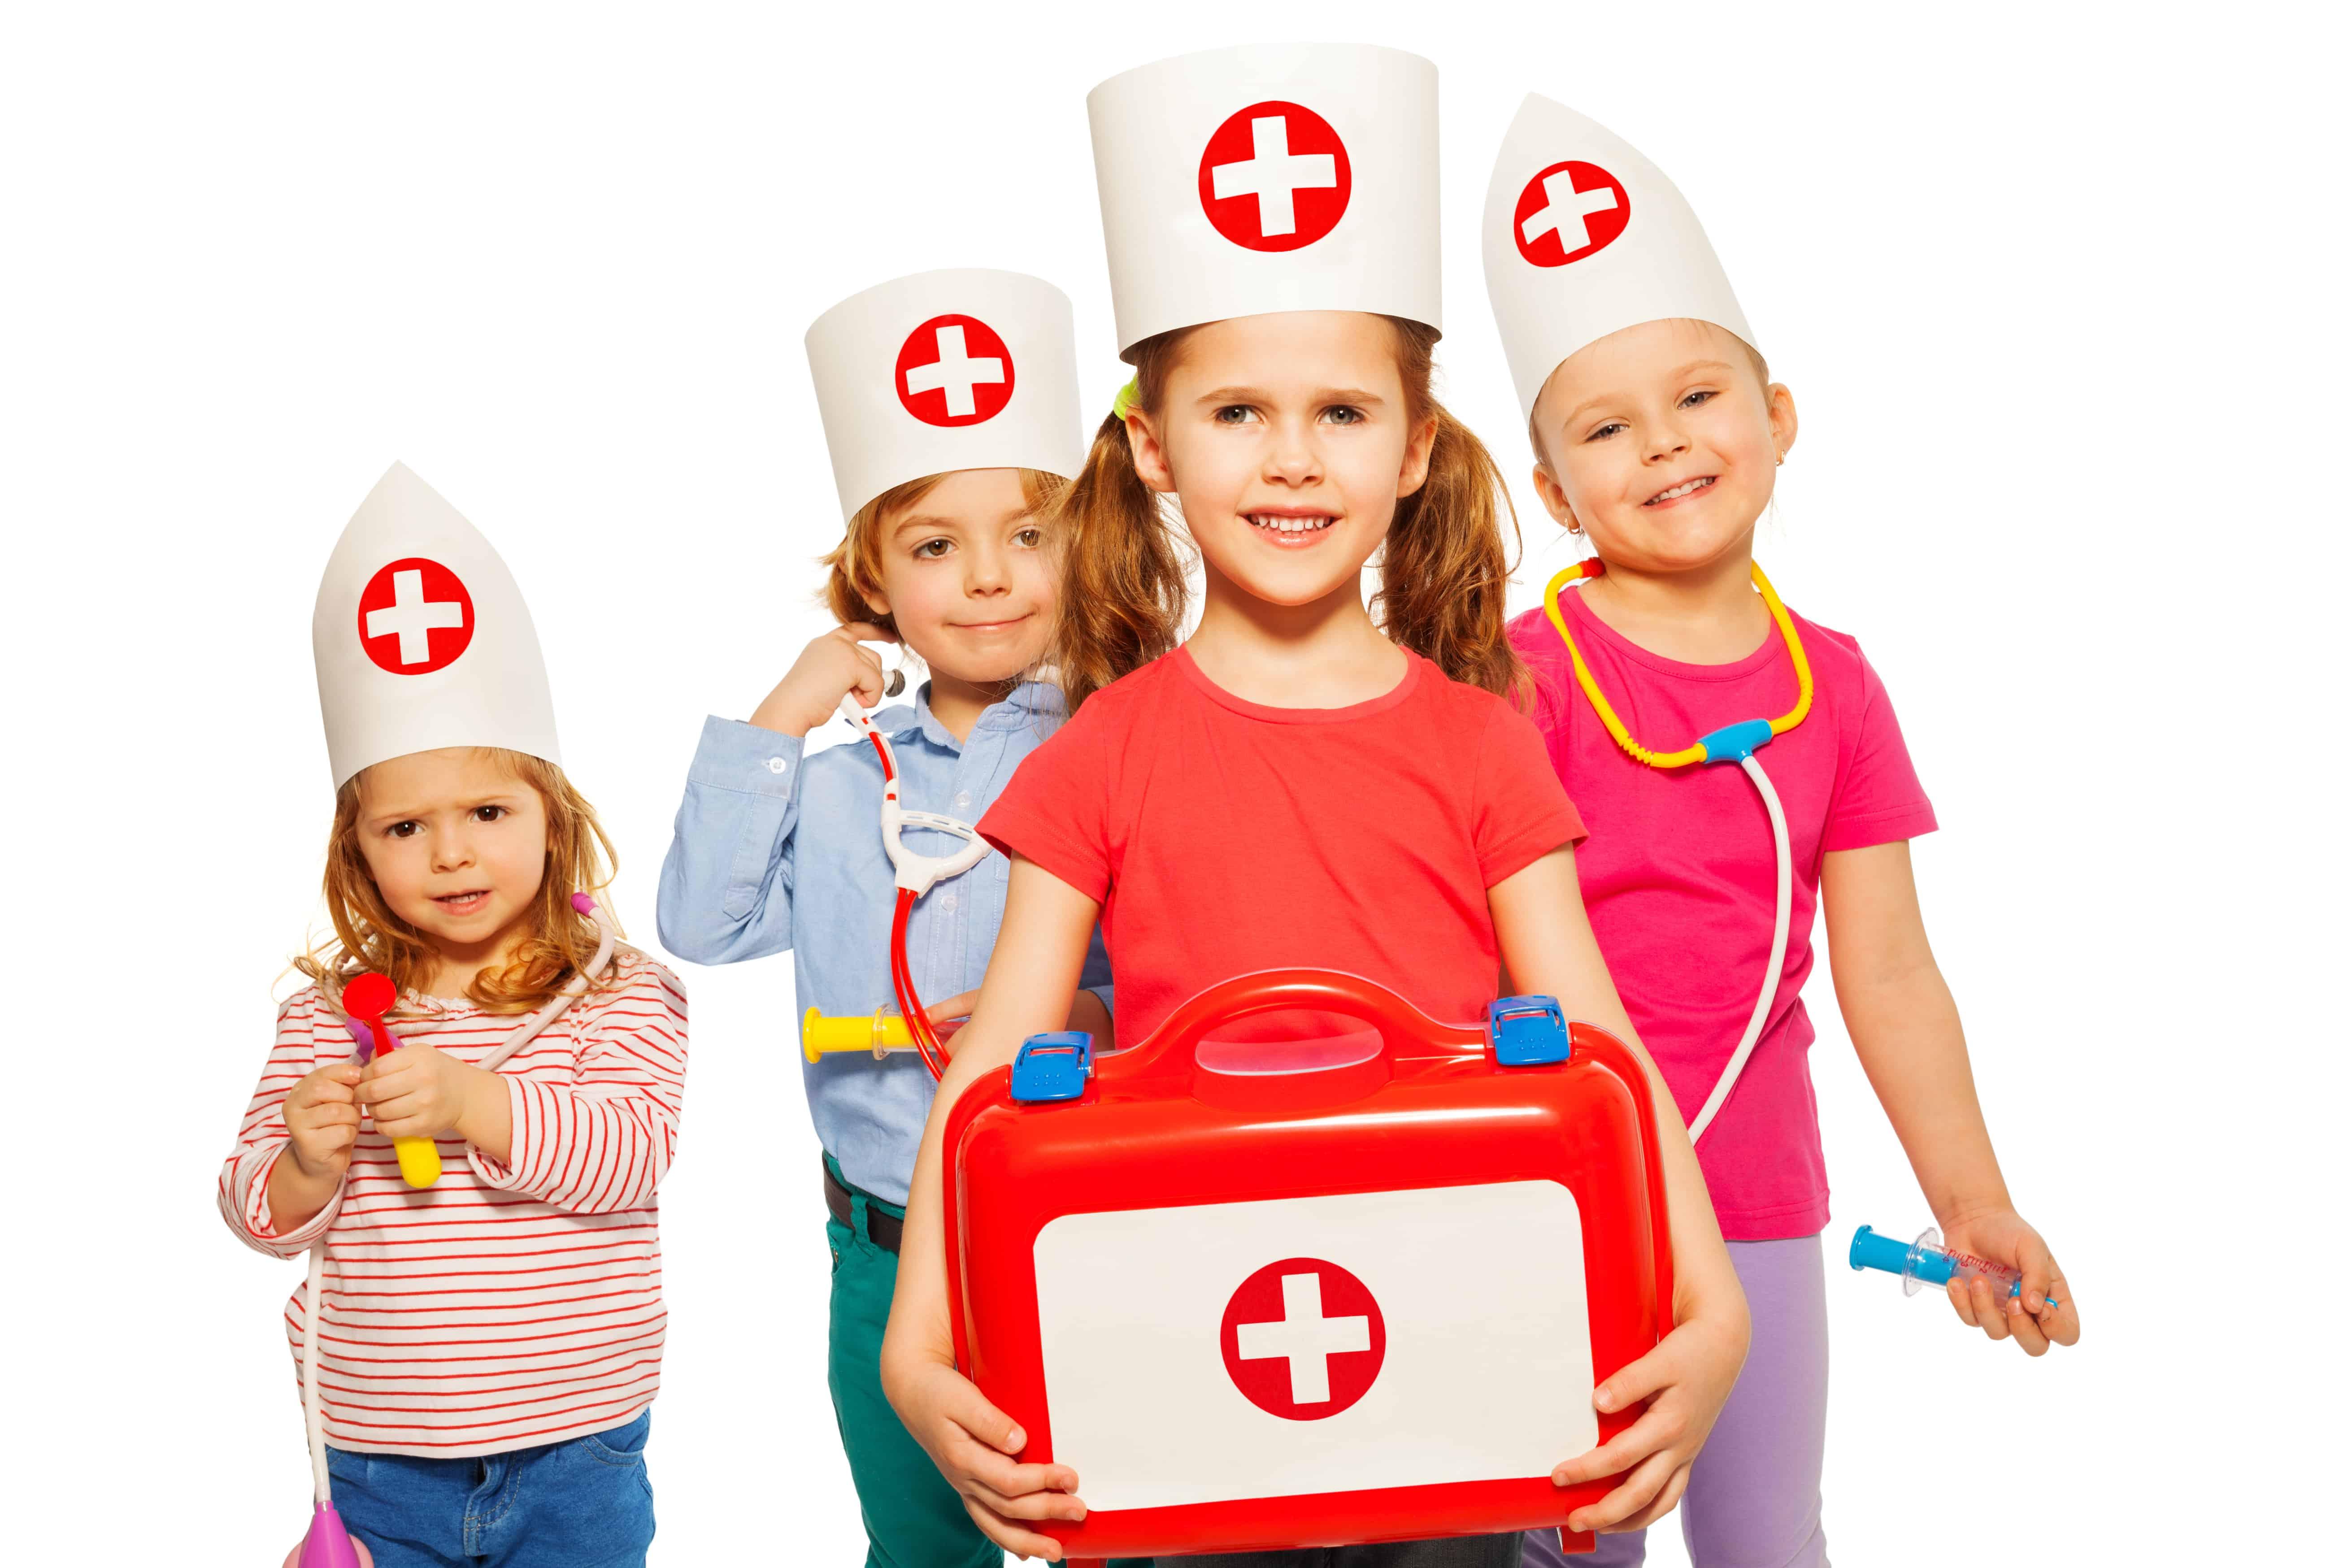 First aid children